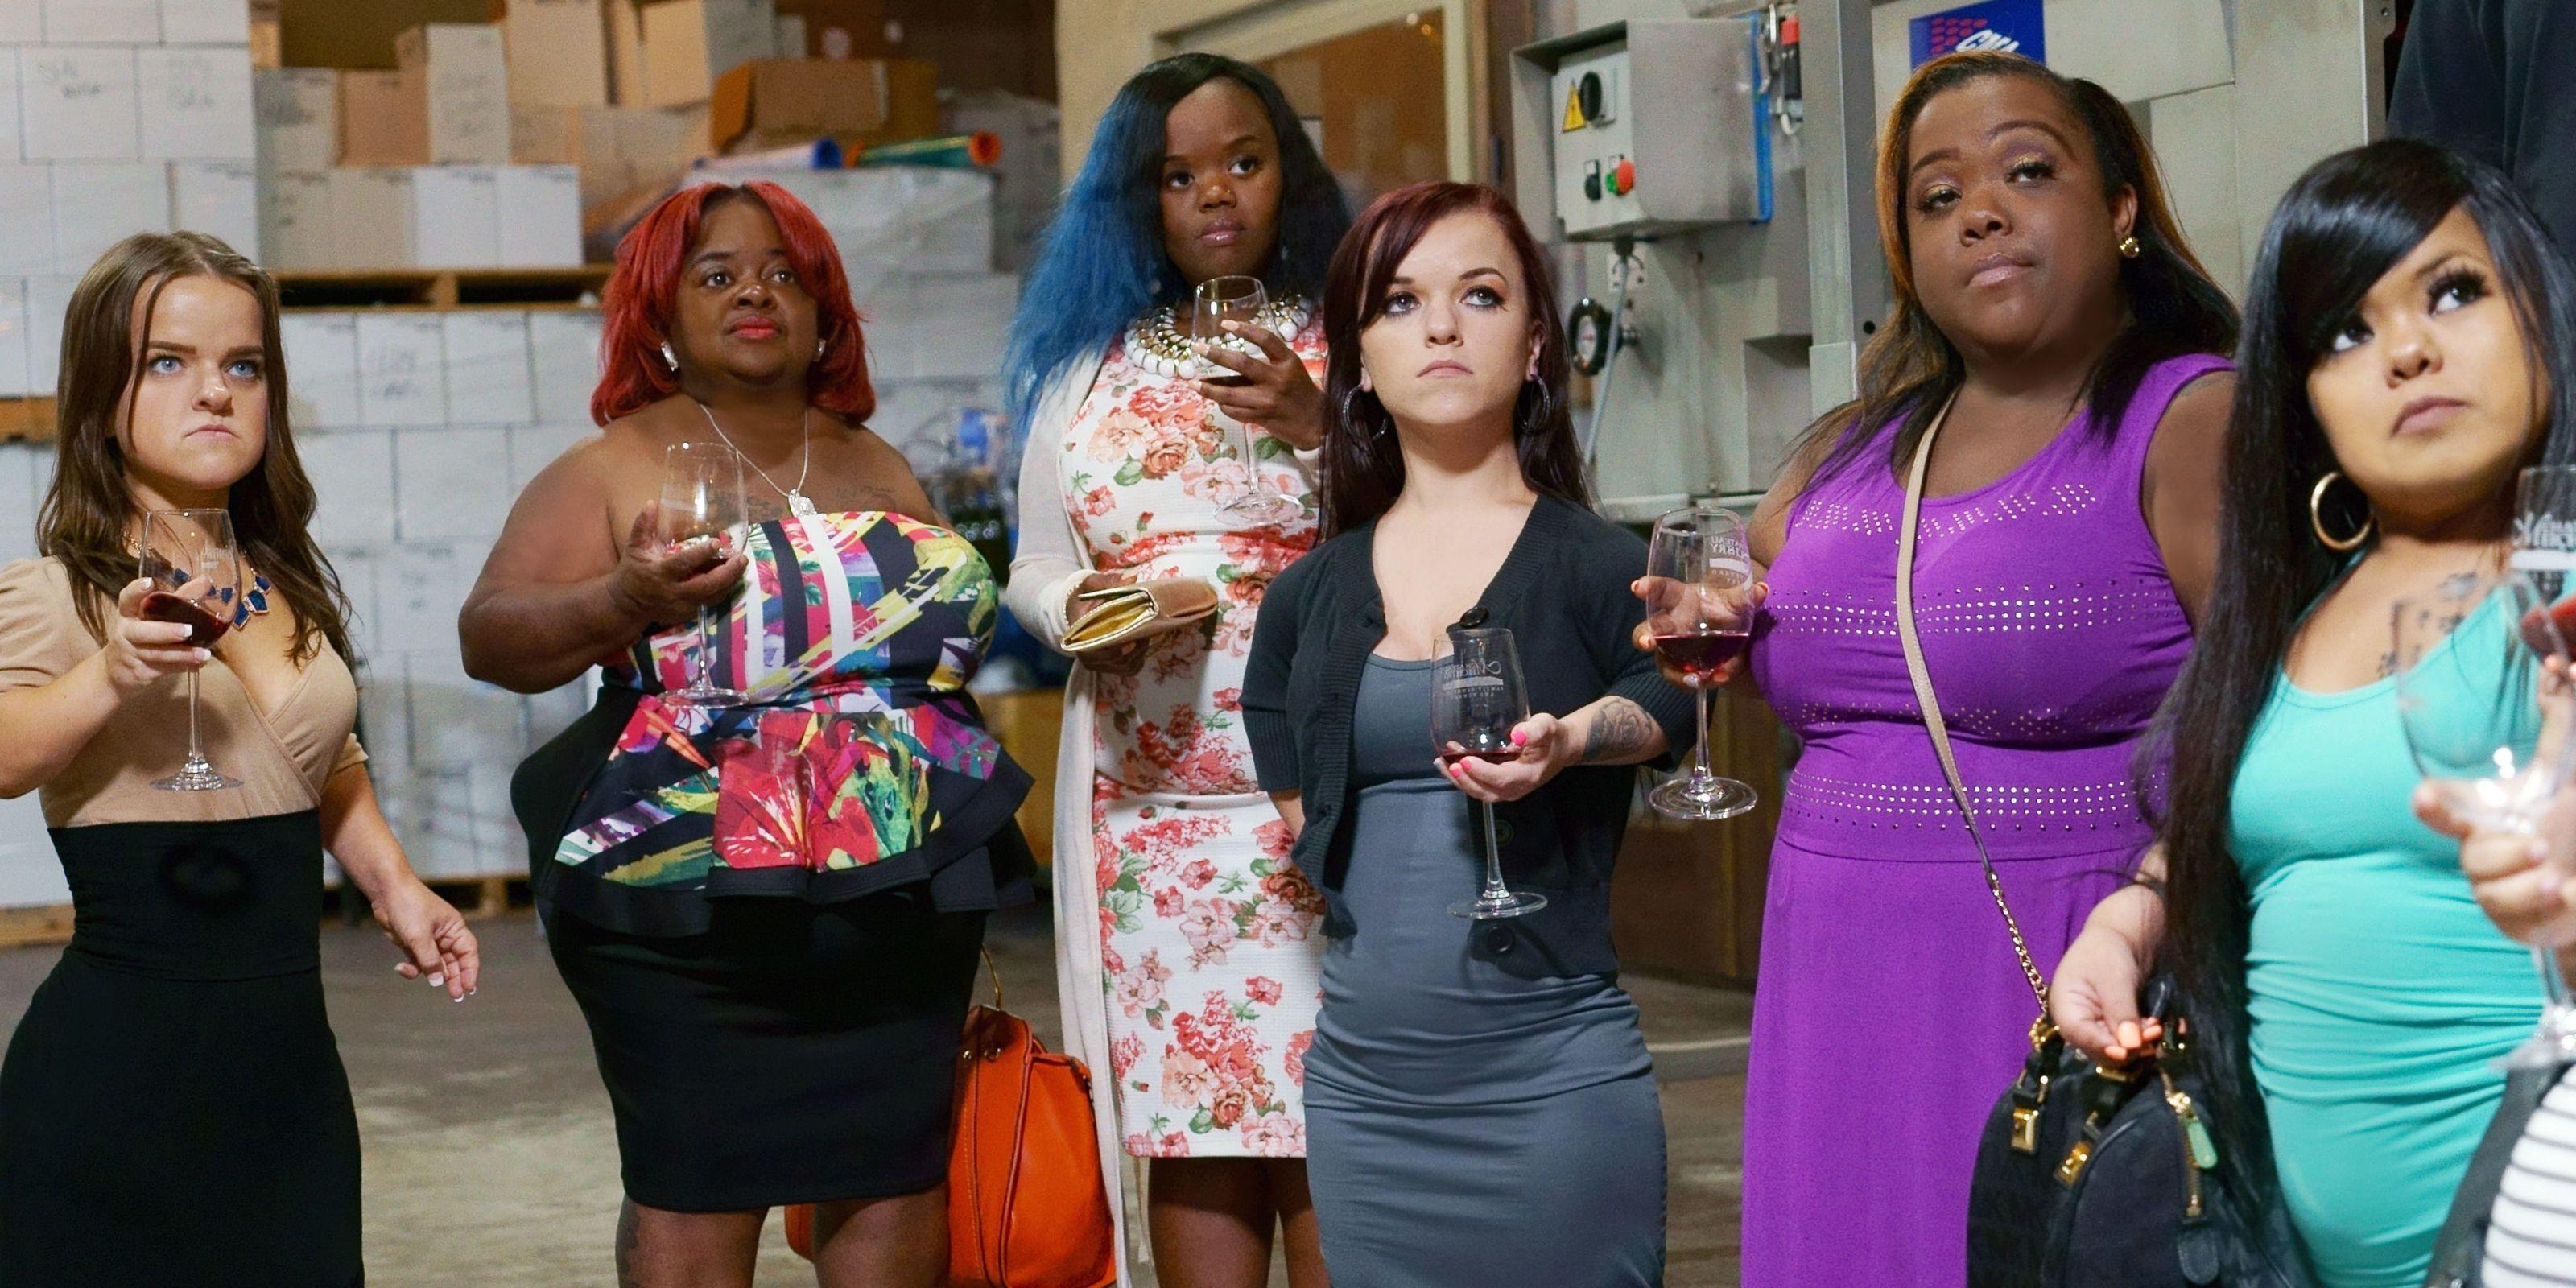 Melissa Hancock em cena do reality 'Little Women: Atlanta' (Foto: Divulgação)